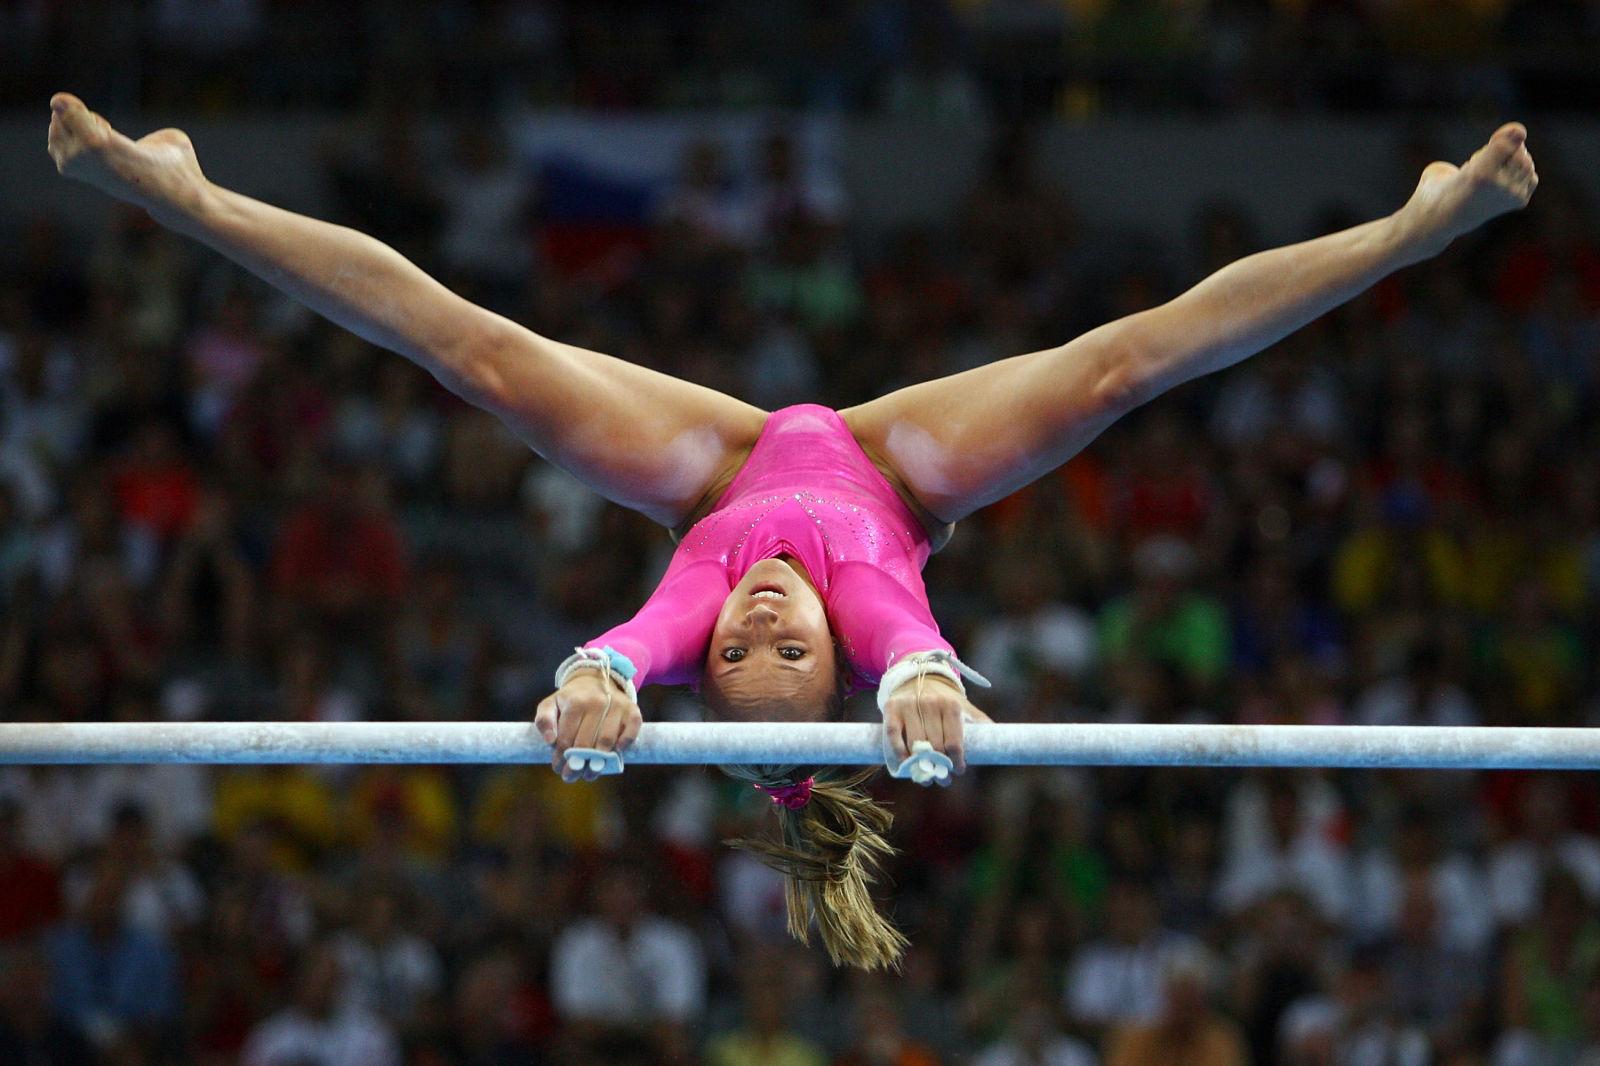 Фото гимнастка на шпагате 9 фотография